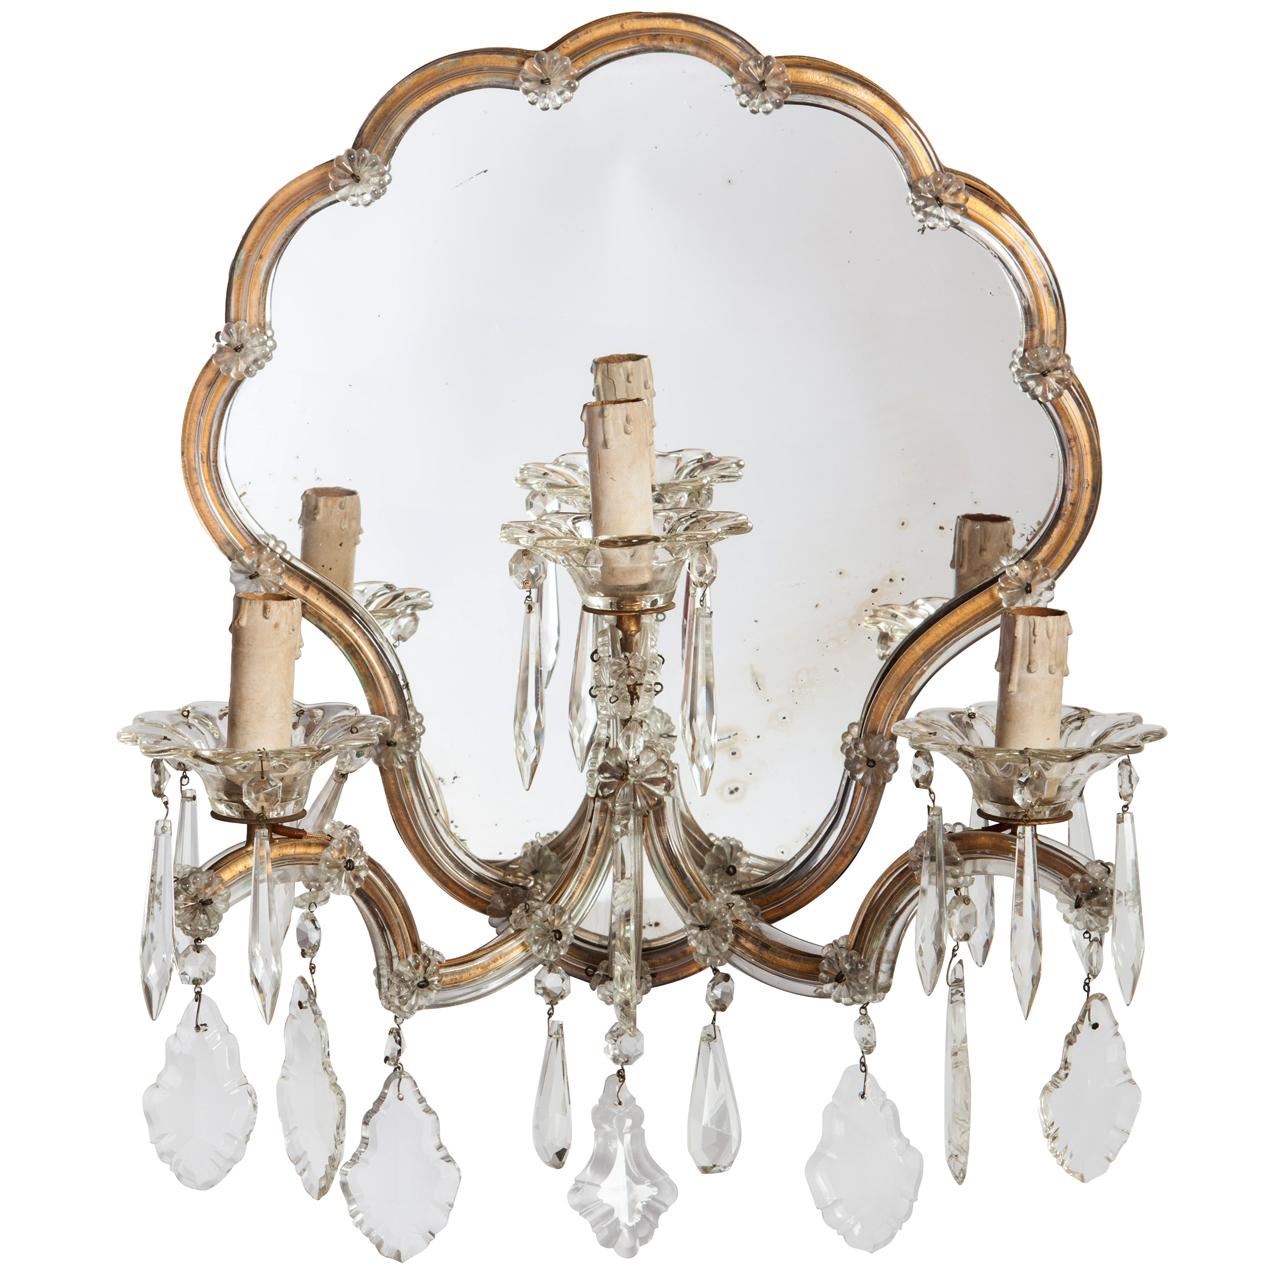 Francesca bolsi antique design applique con specchio originale al mercurio e cristalli - Specchio al mercurio ...